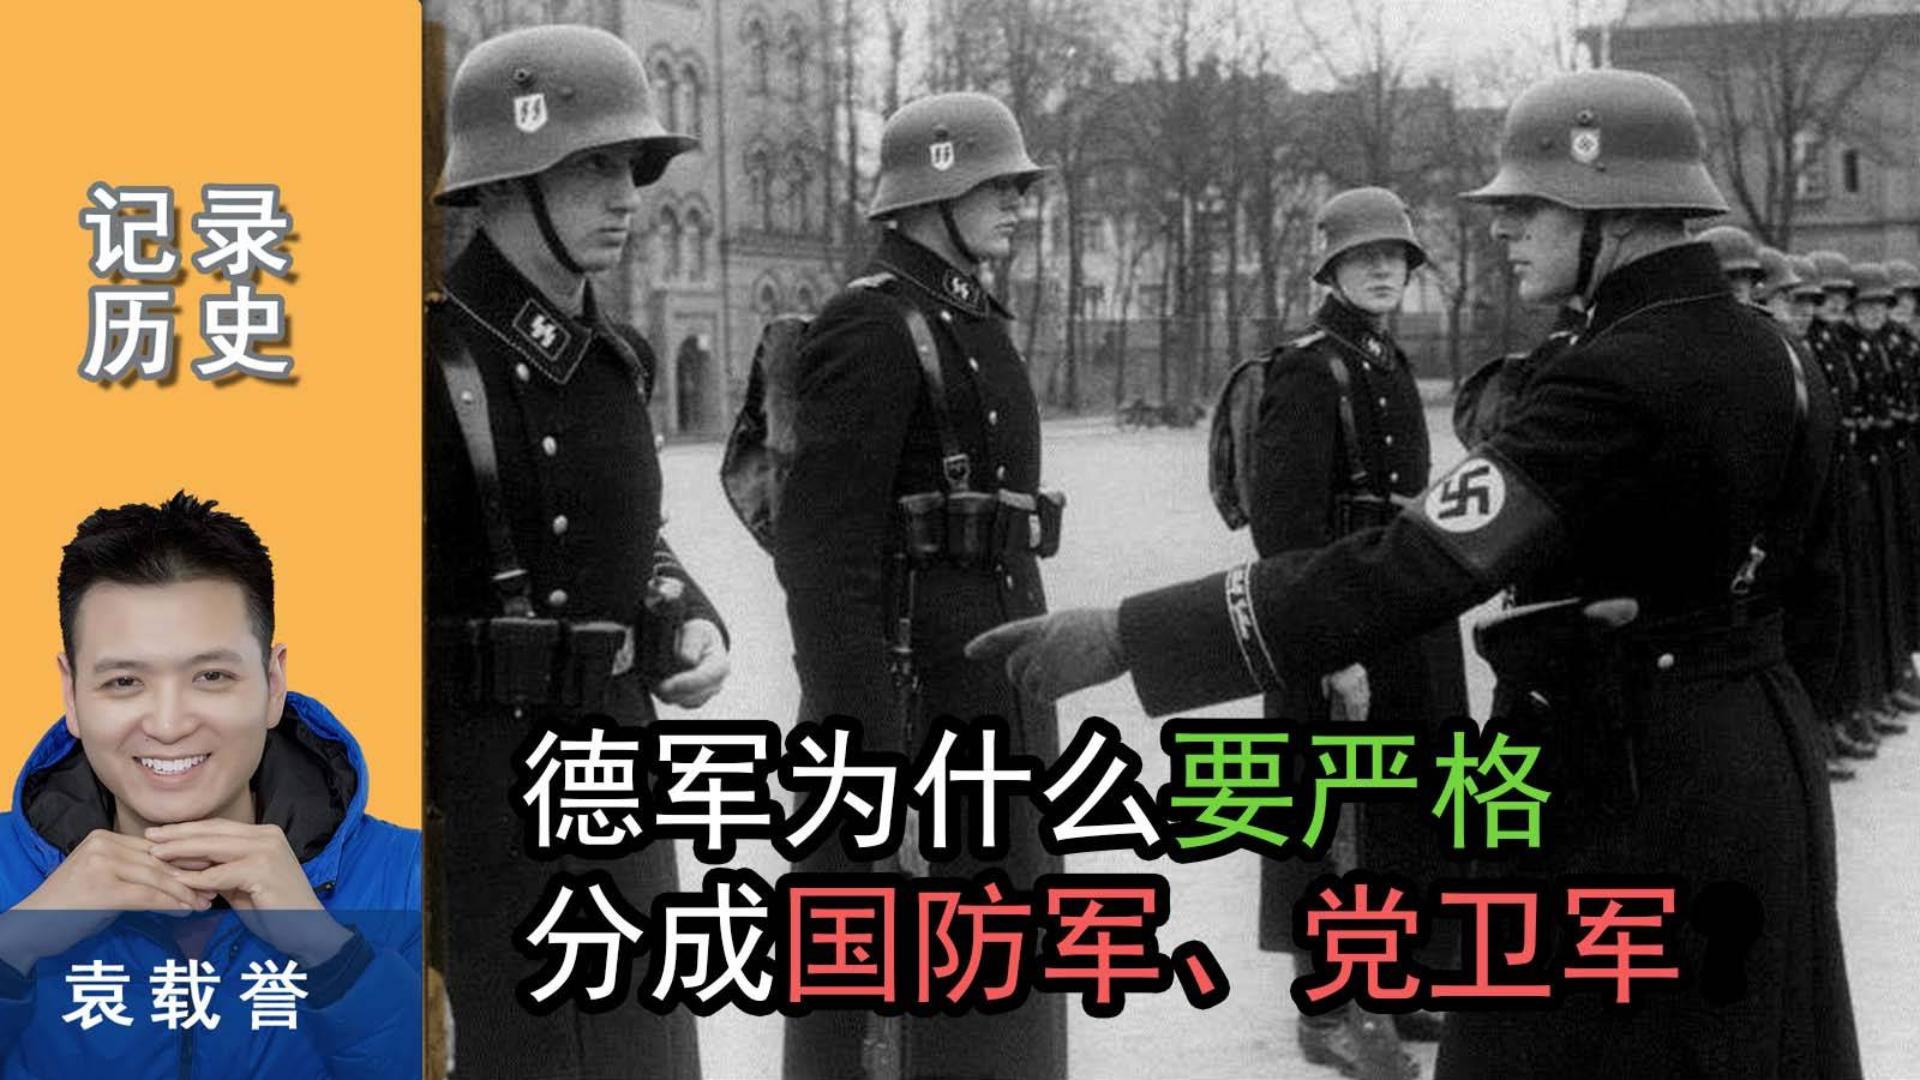 二战的德军,为何一定要严格分成国防军、党卫军?